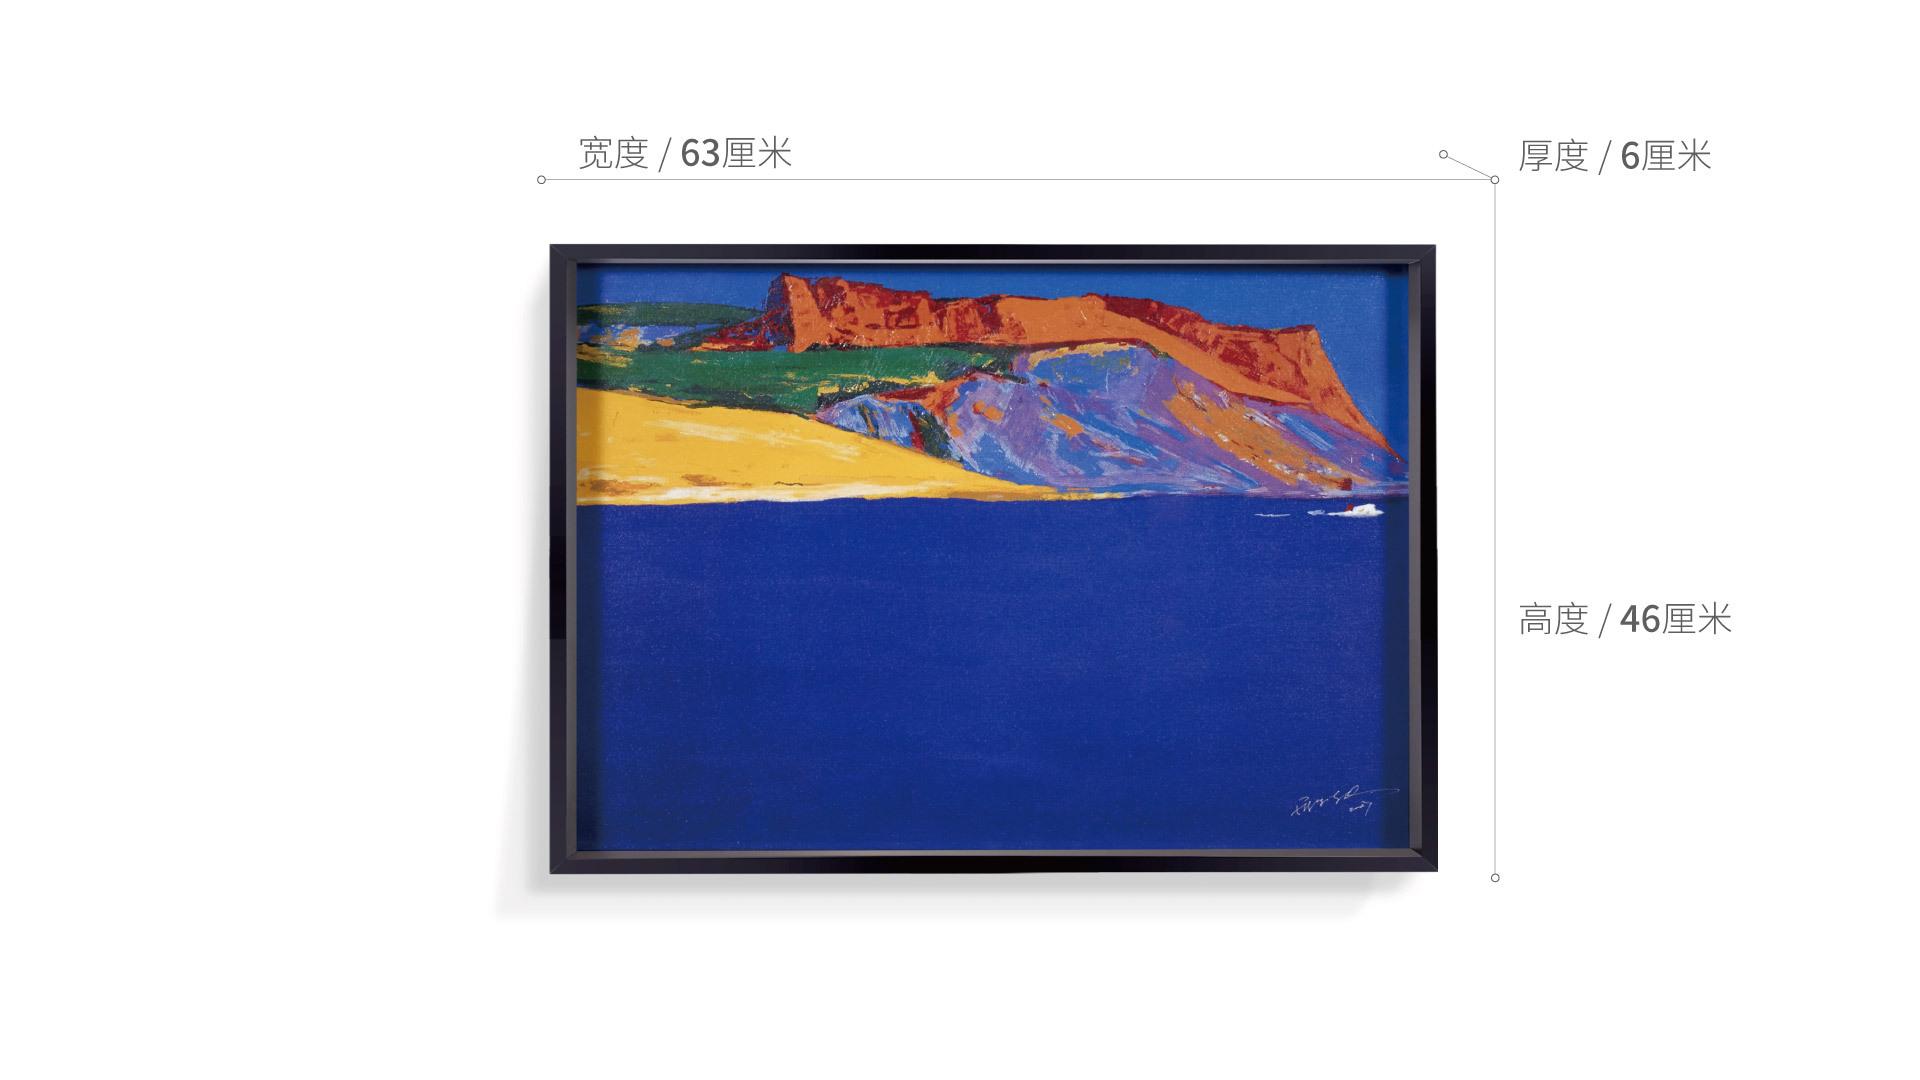 罗尔纯系列版画-地中海的宁静装饰效果图